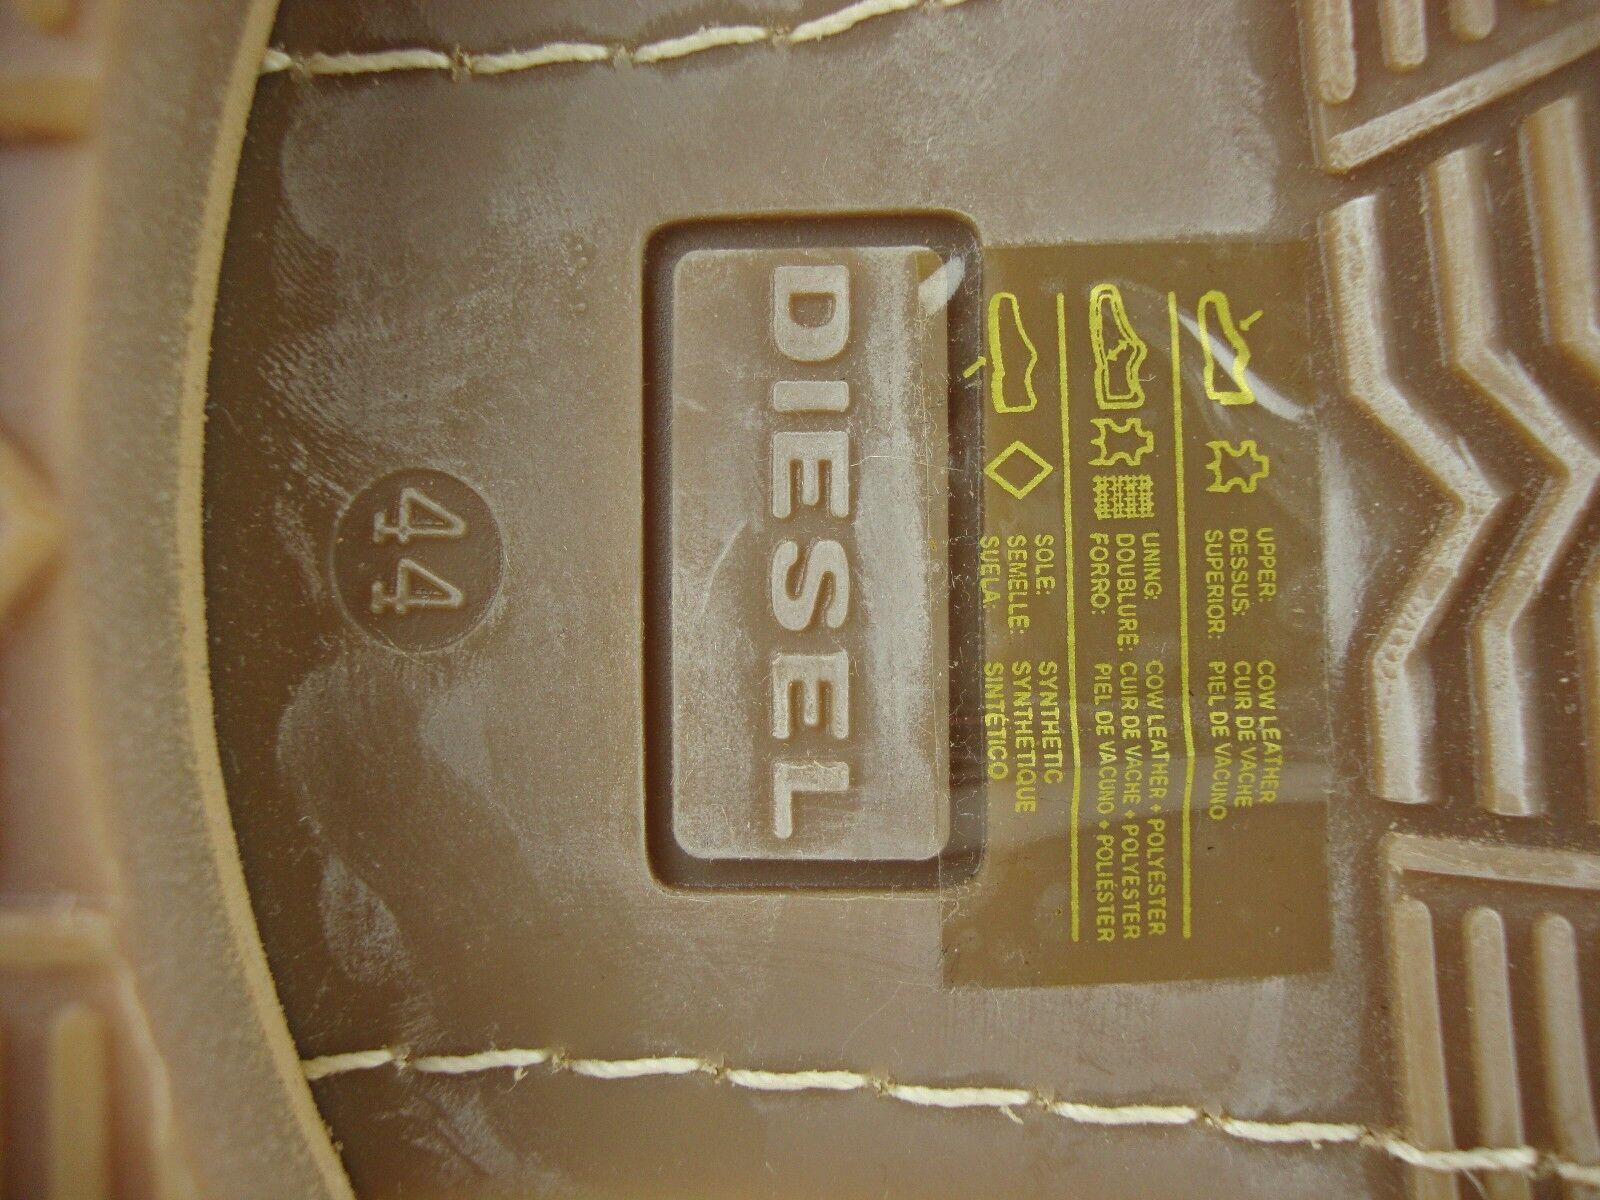 DIESEL The Brave Nation SKILLO Boots Herren Kurzschaft Stiefel Gr.44 Schuhe Gr.44 Stiefel NEU cb3490